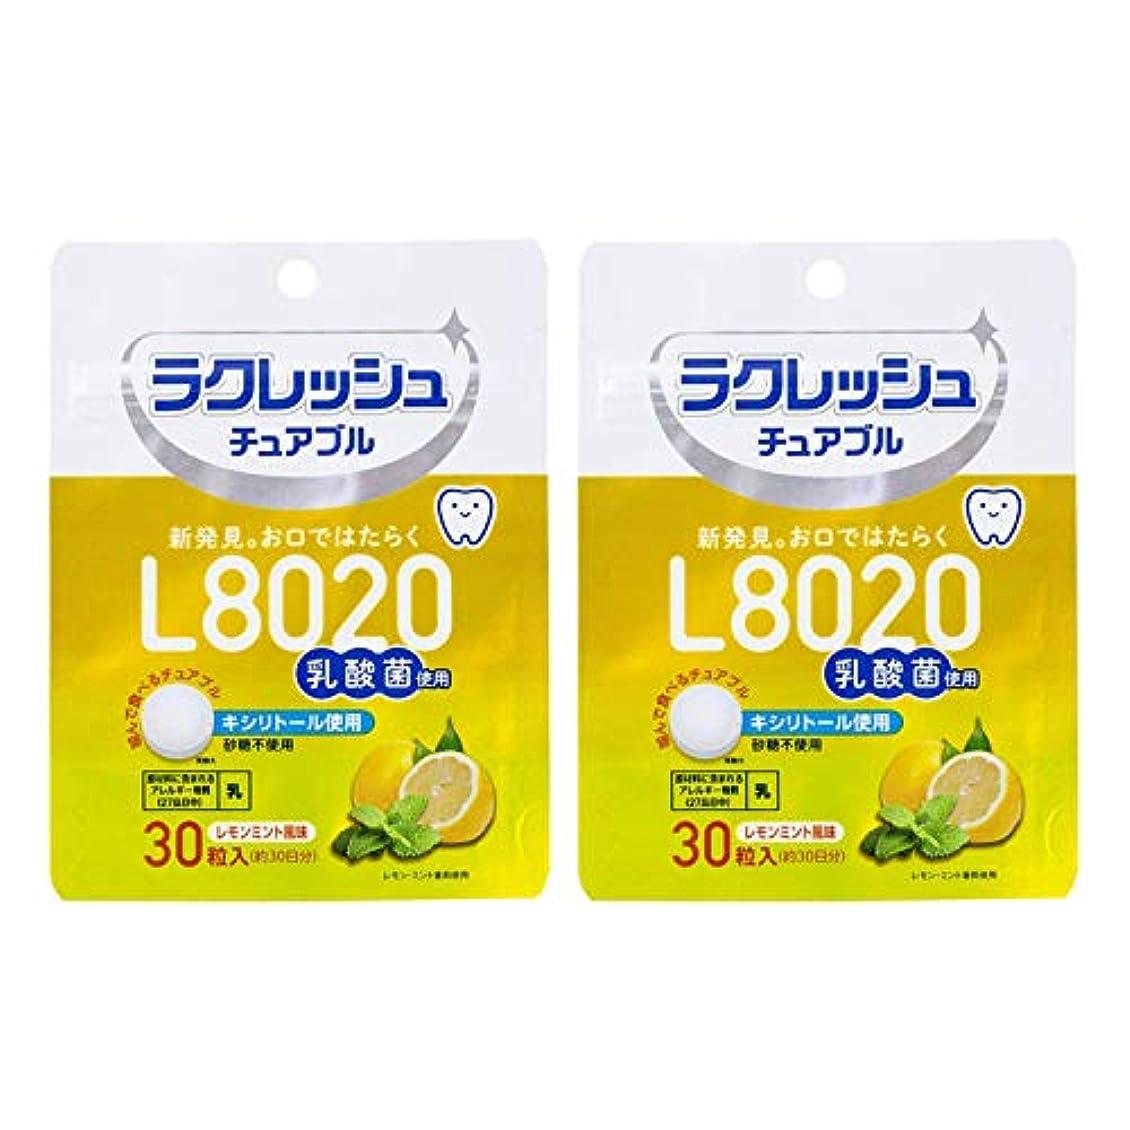 塗抹広まった拍車ラクレッシュ L8020 乳酸菌 チュアブル レモンミント風味 オーラルケア 30粒入×2袋